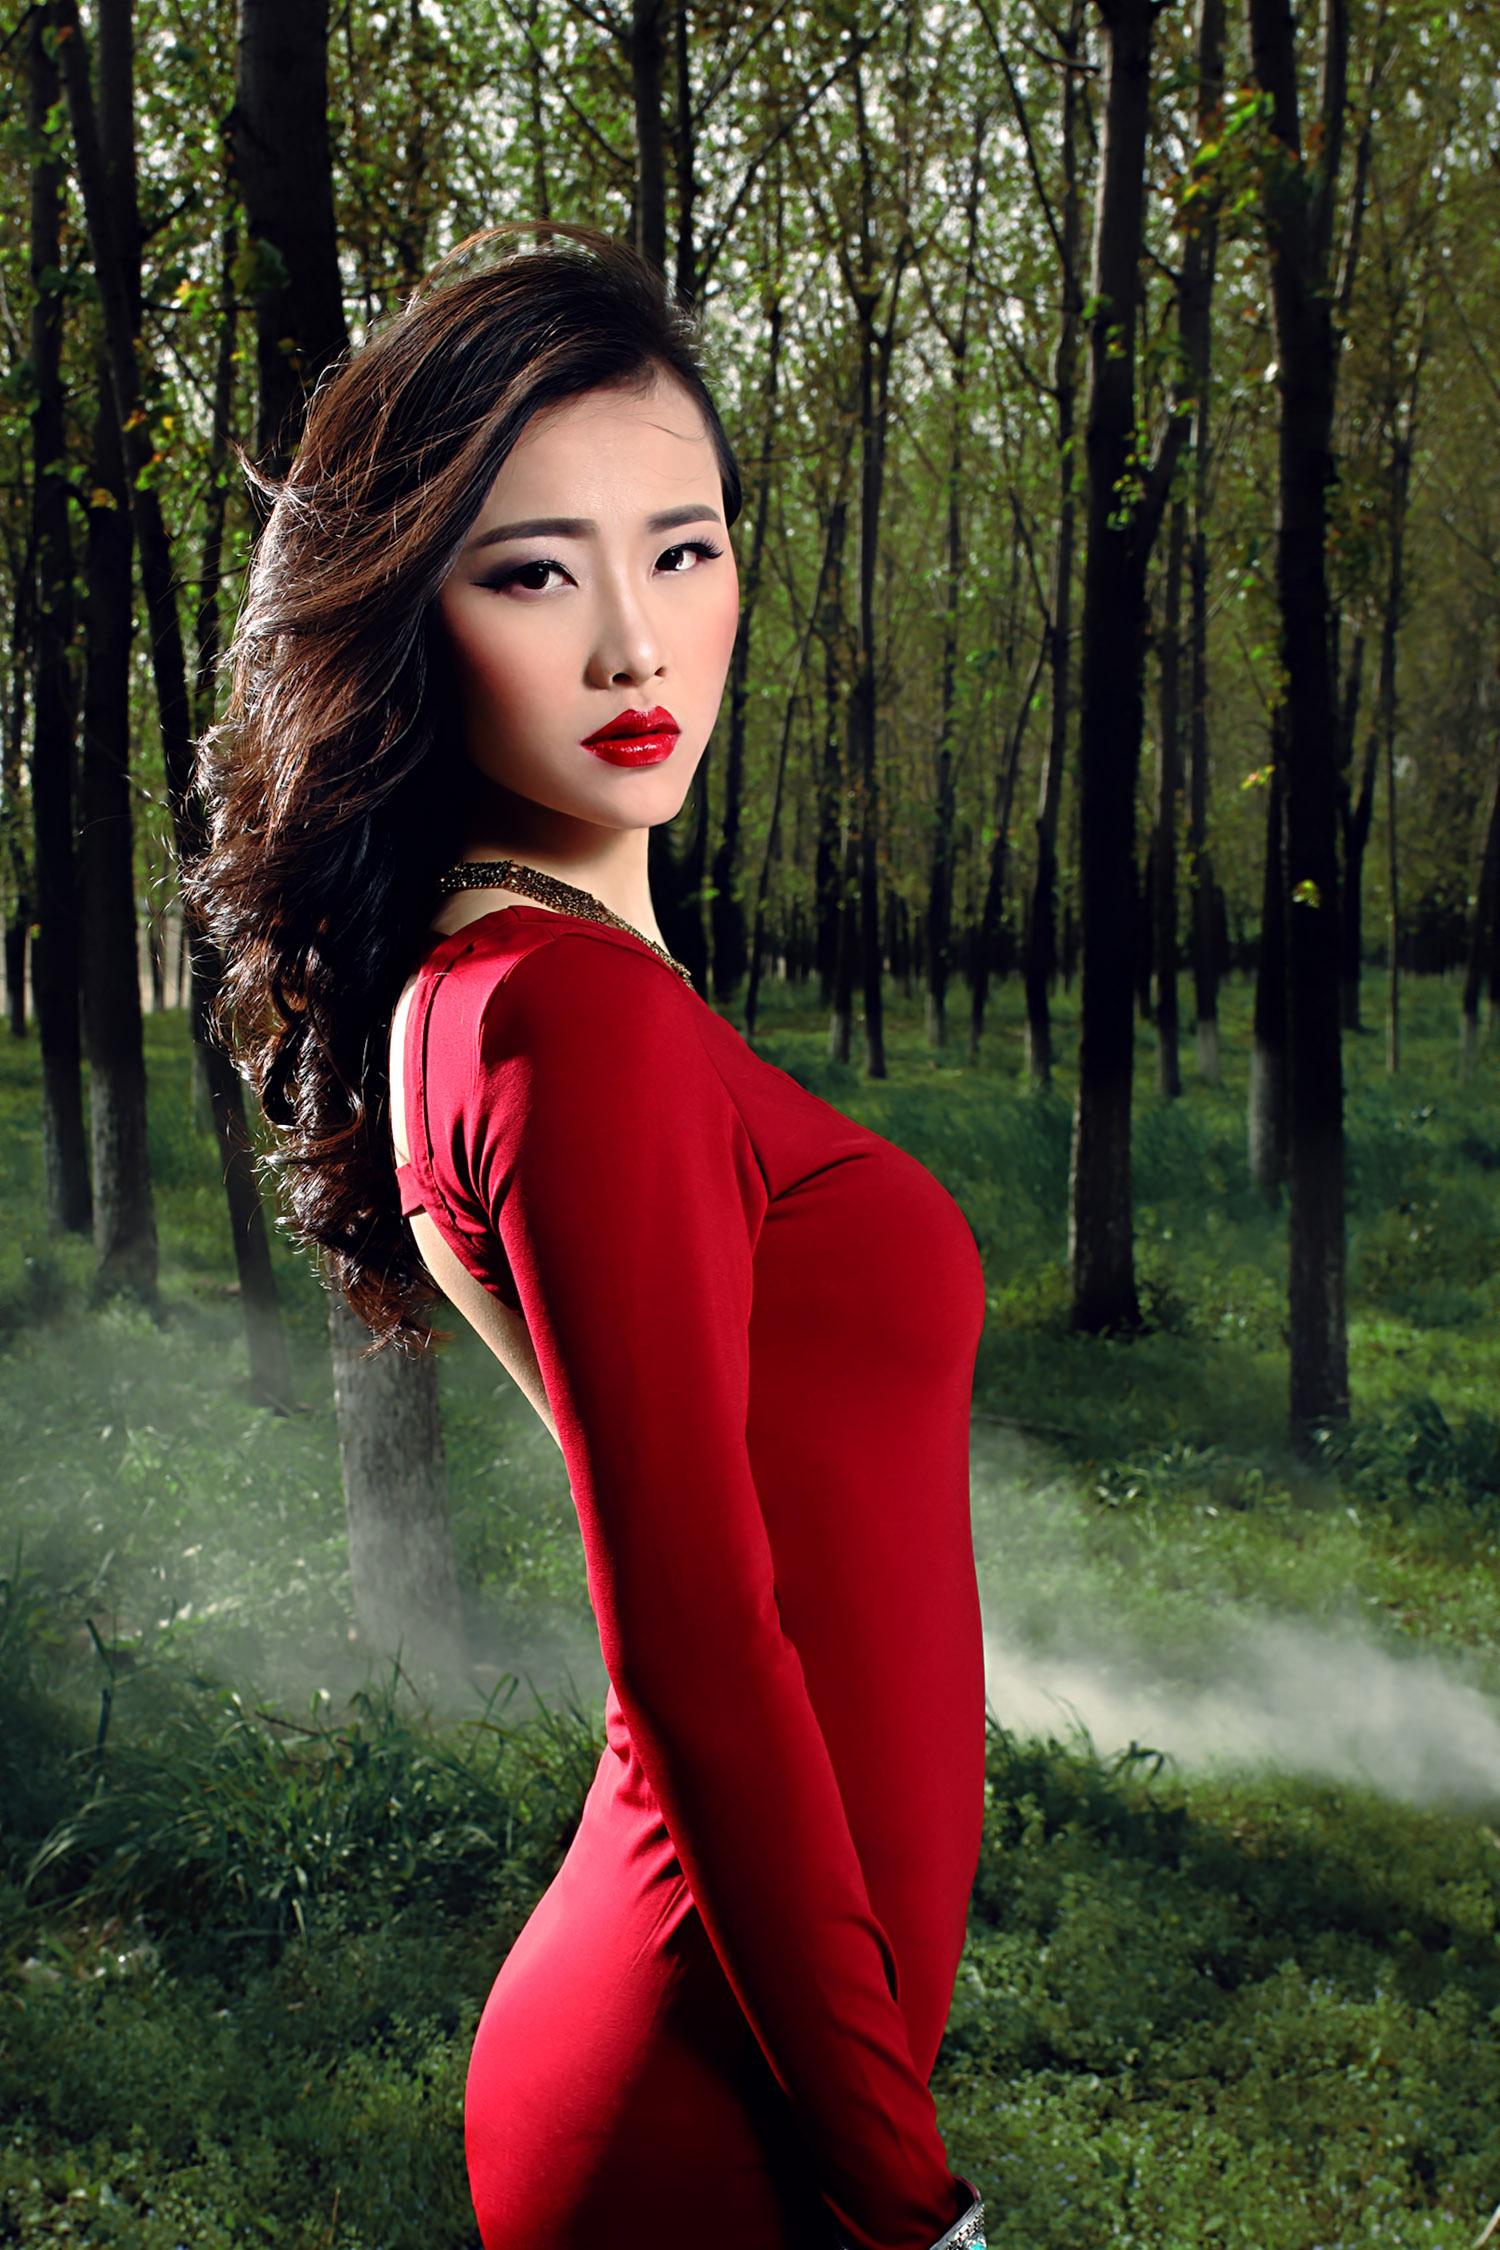 红 樱 桃 - 花開有聲 - 花開有聲